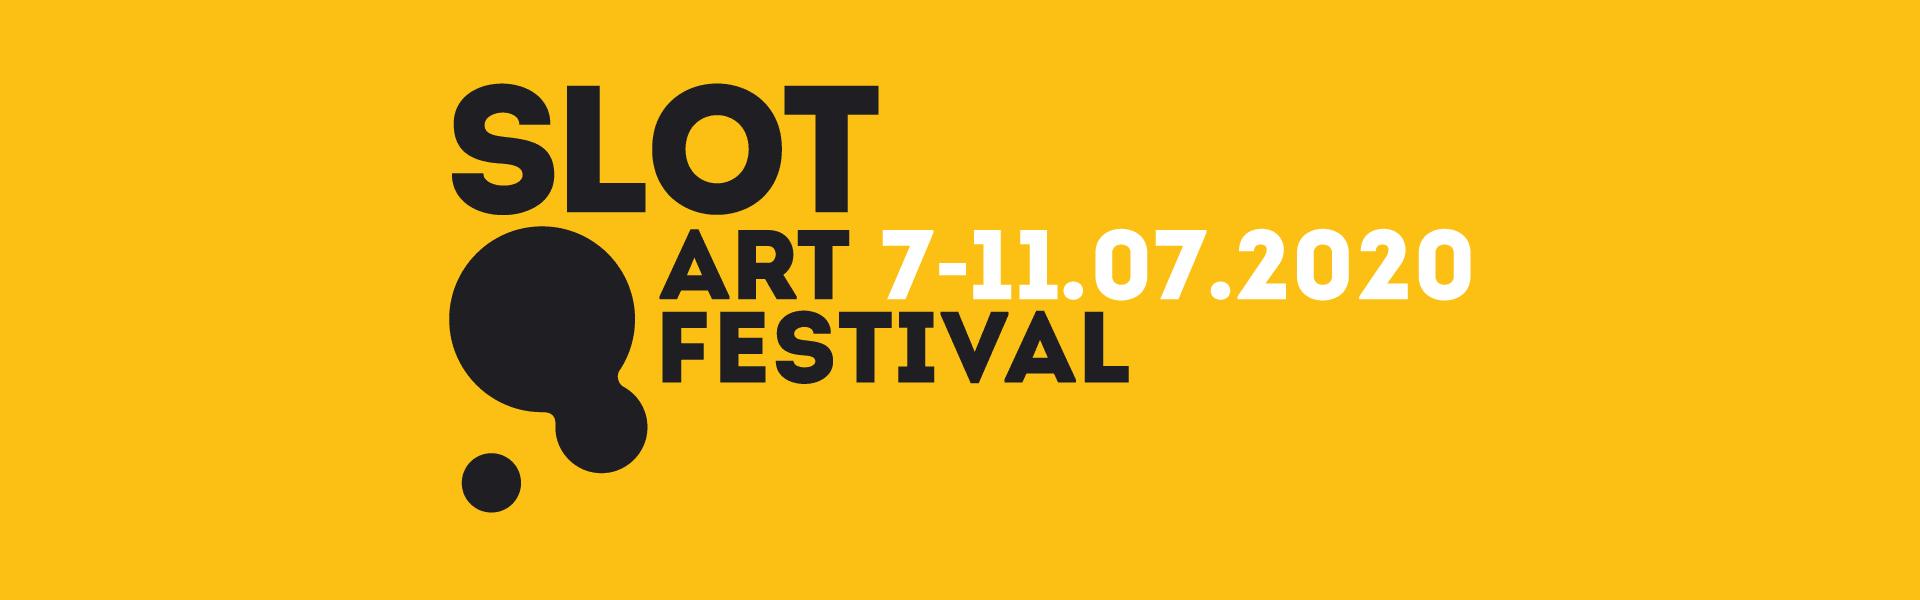 Slot Art Festival 7-11.07.2020